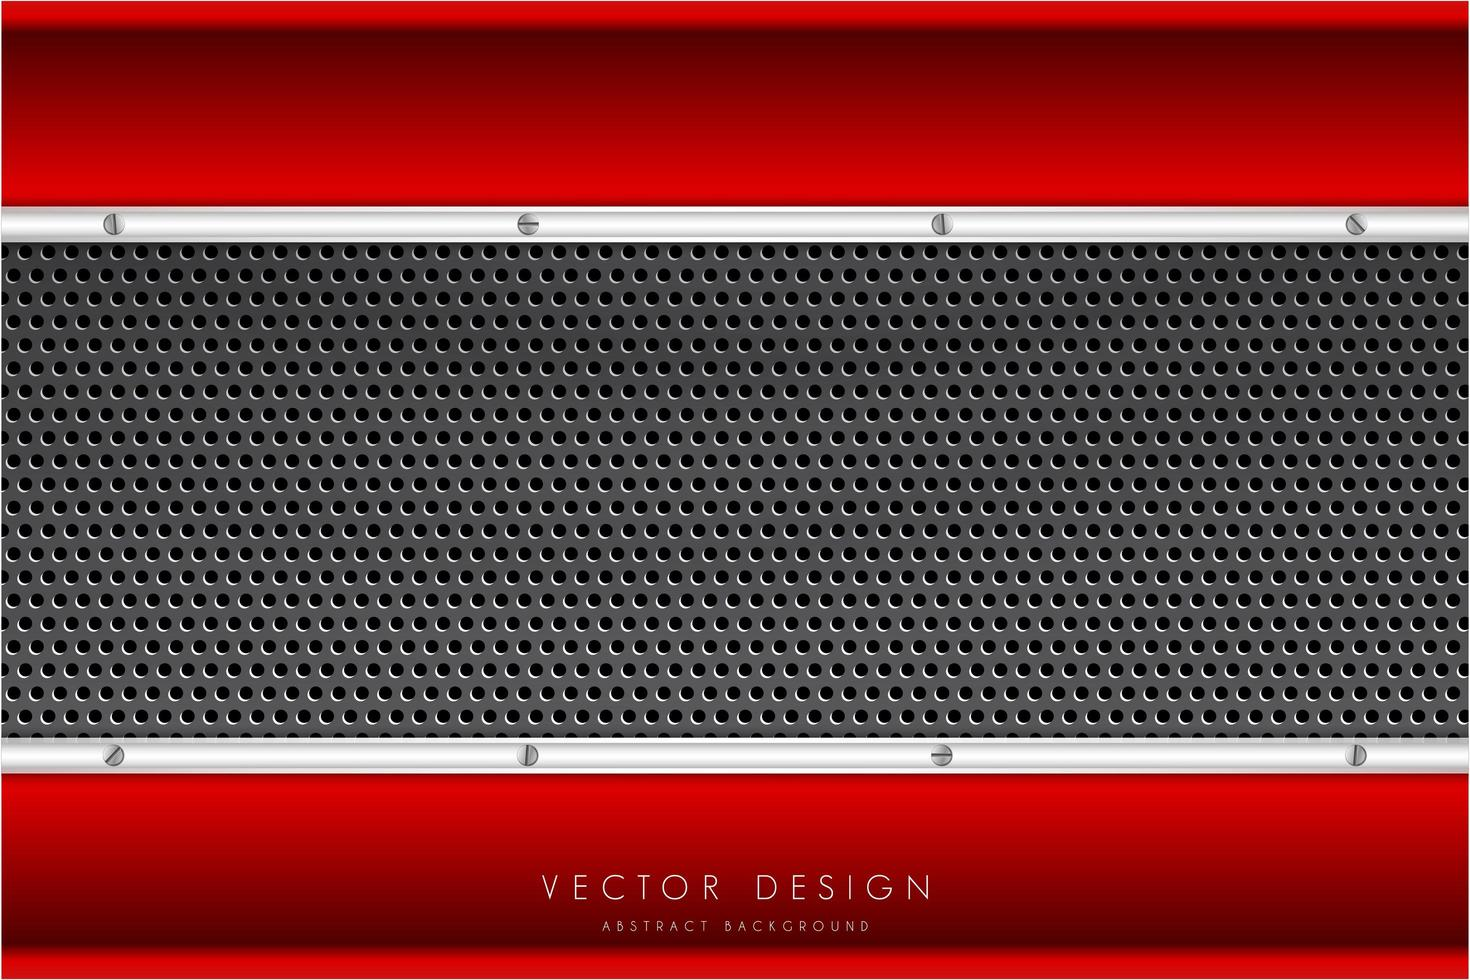 bordures métalliques rouges et argentées et texture en fibre de carbone vecteur